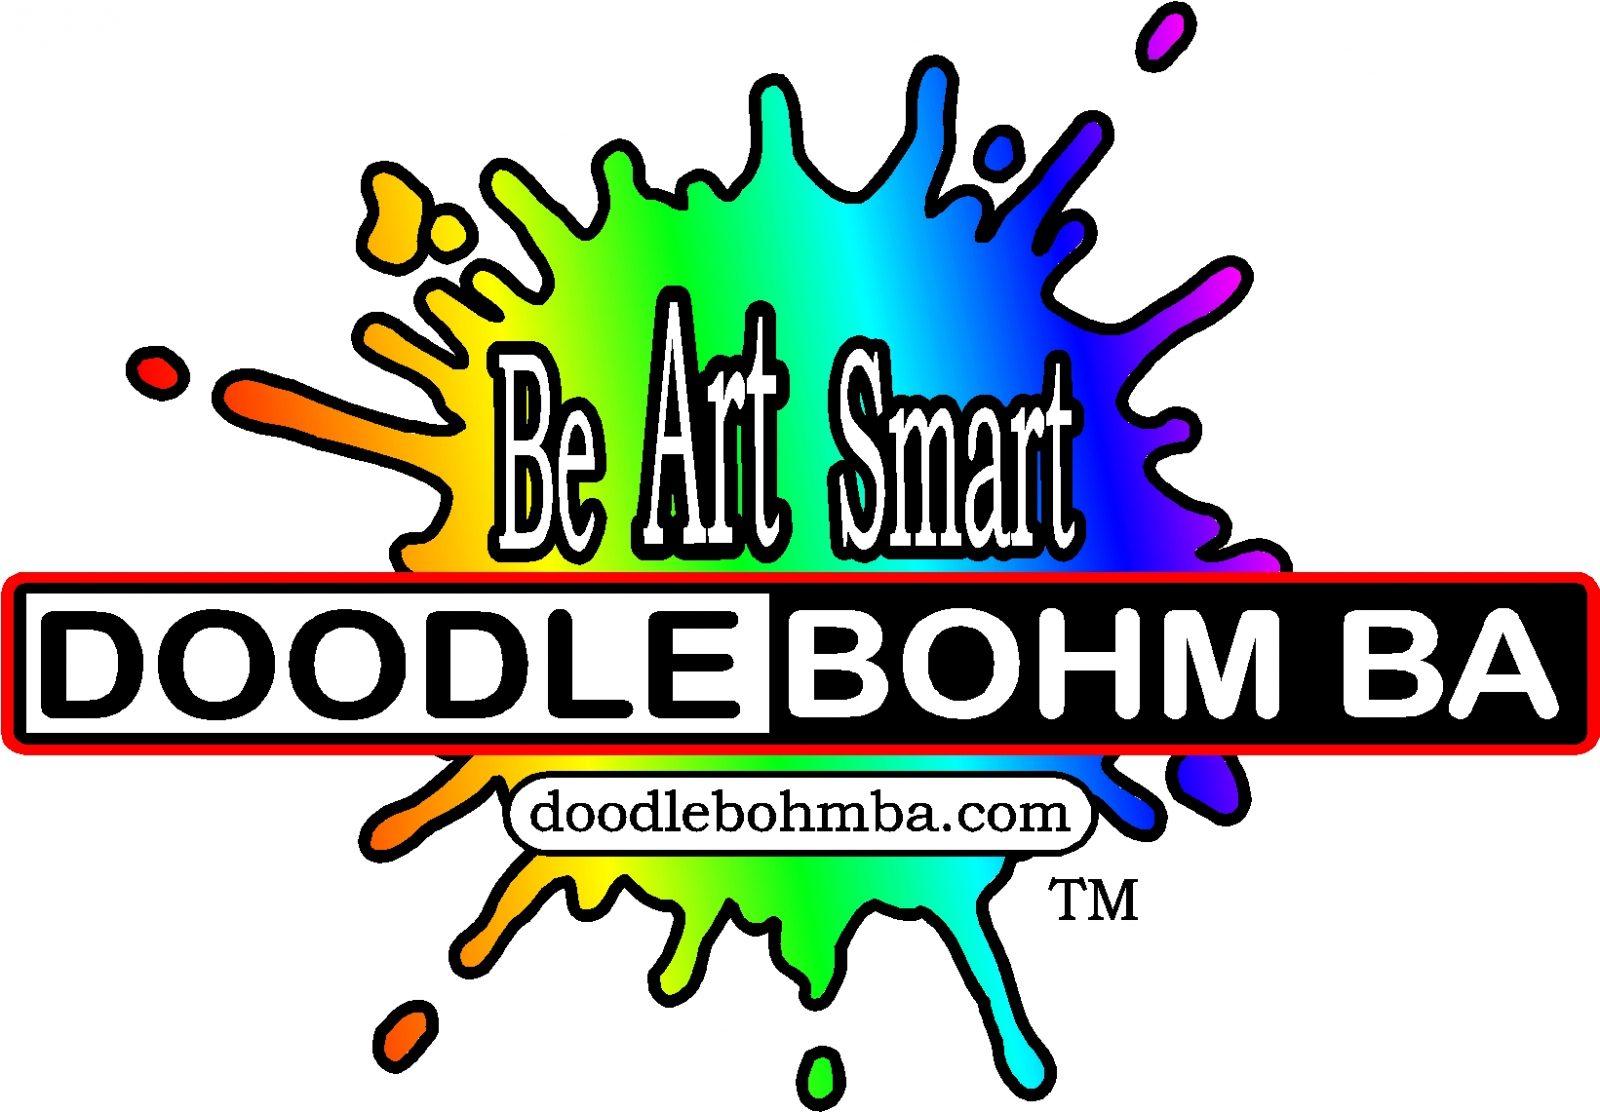 Doodle Bohm Ba